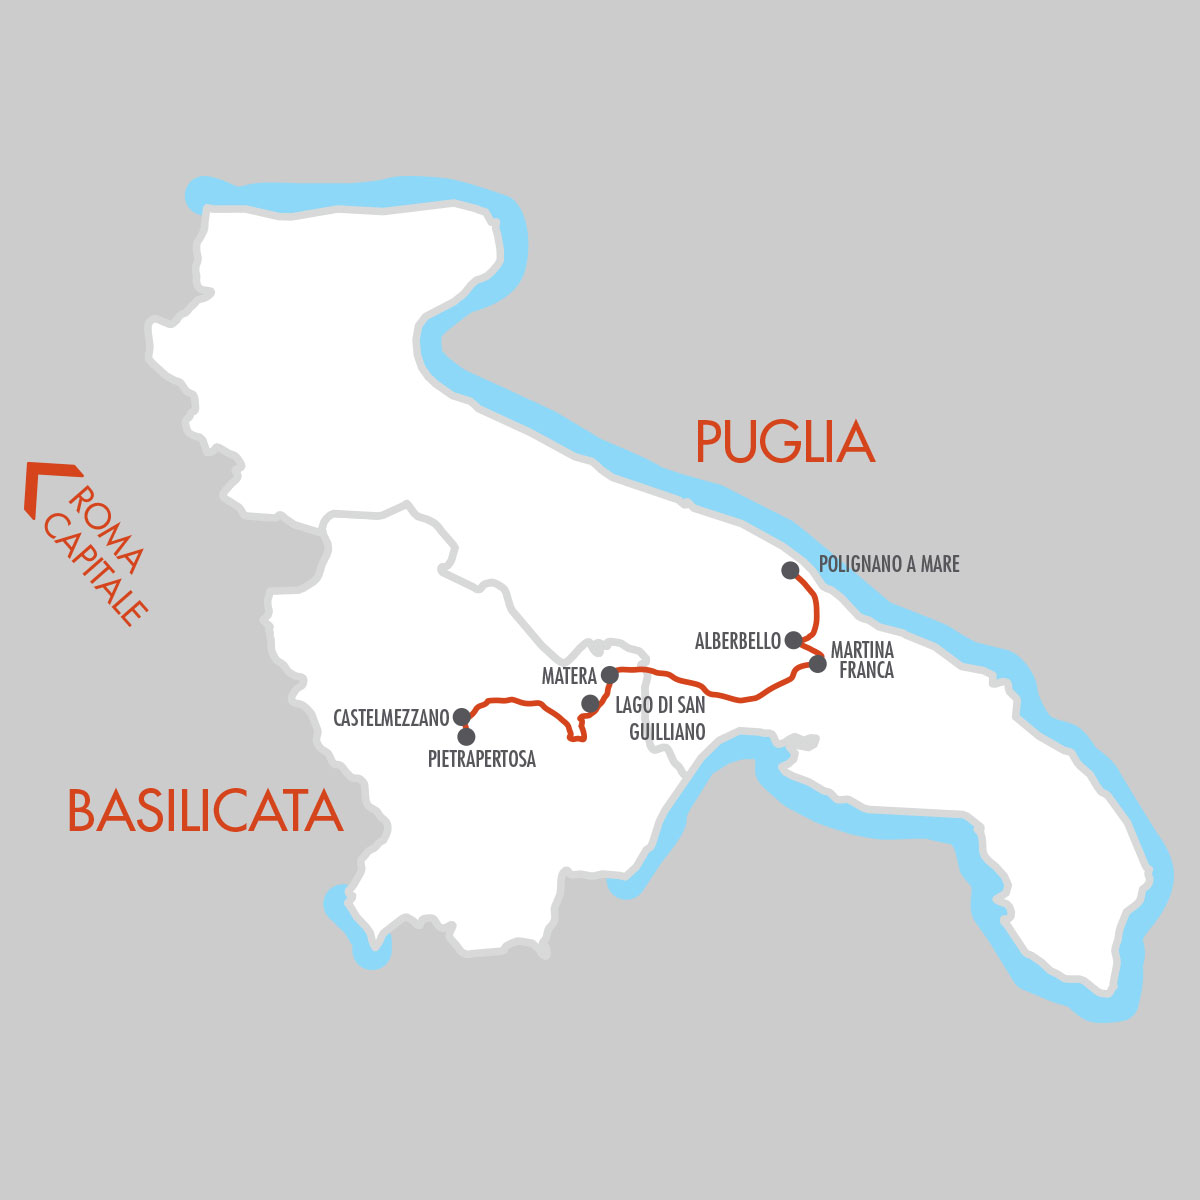 basilicata-and-puglia-tour